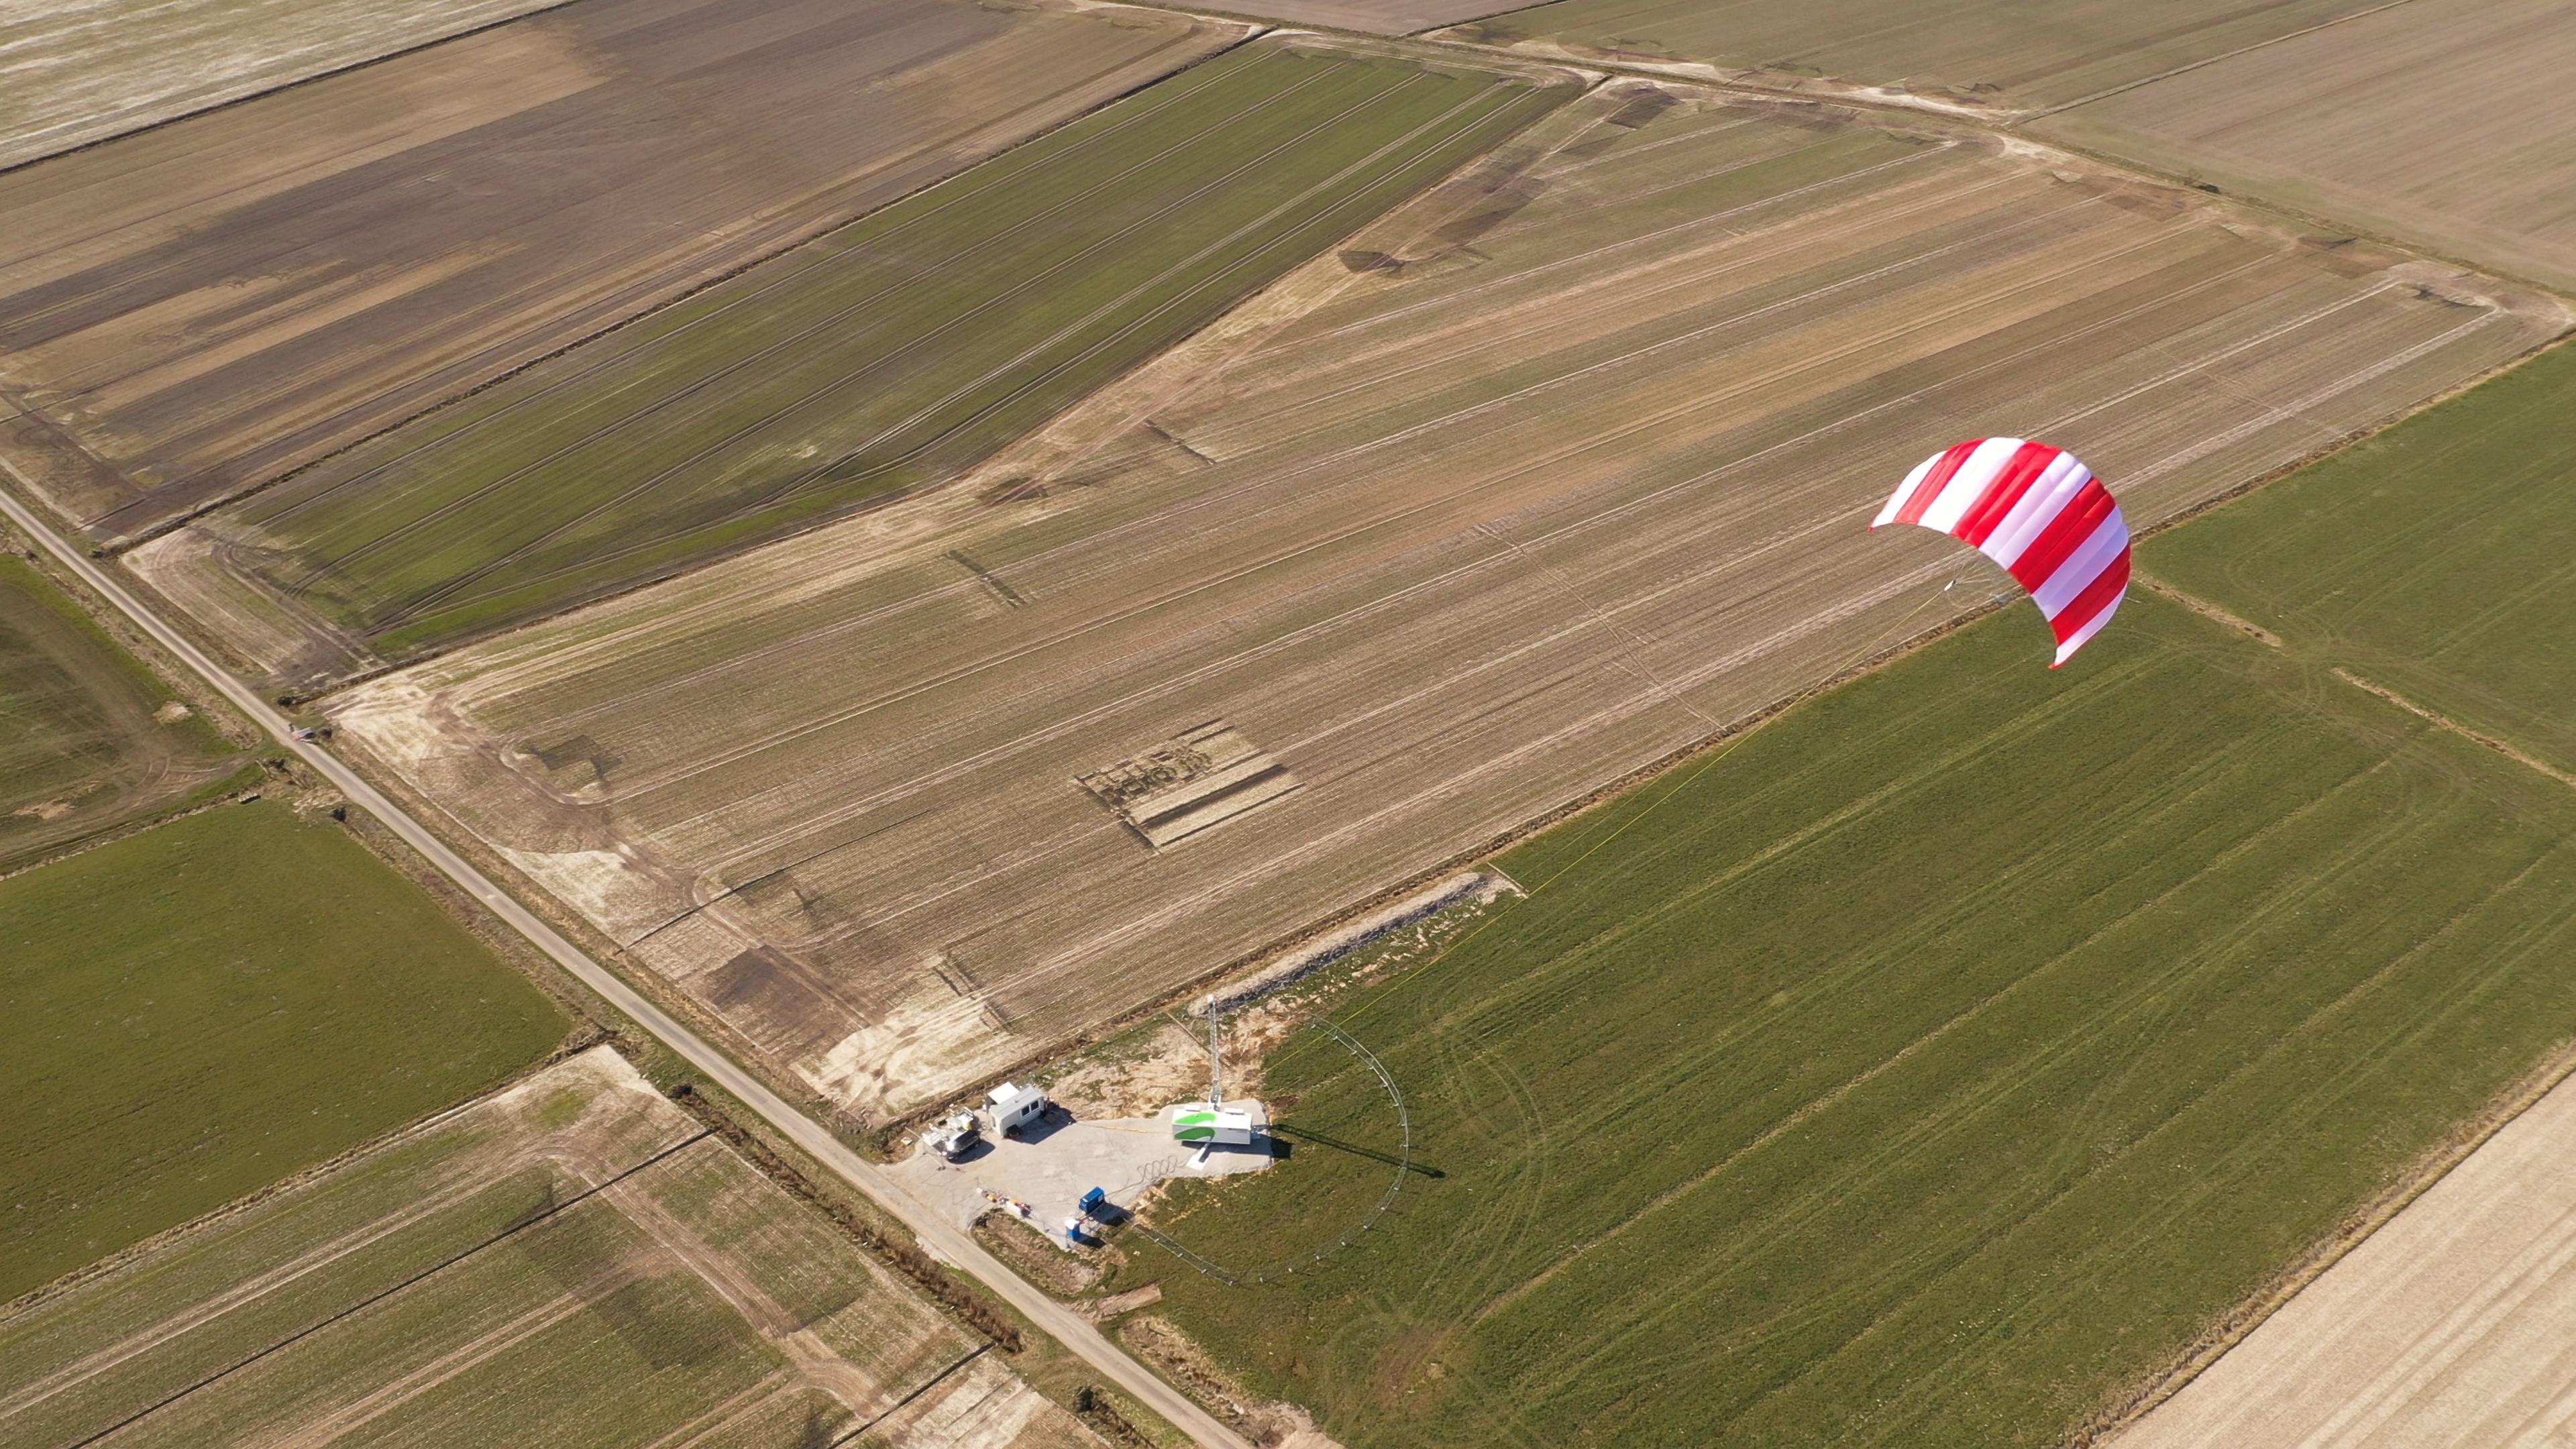 Bis zu 400 Meter hoch kann der SkySails-Drache fliegen und durch seine gesteuerten Flugfiguren erneuerbare Energie erzeugen. Foto: © SkySails Group